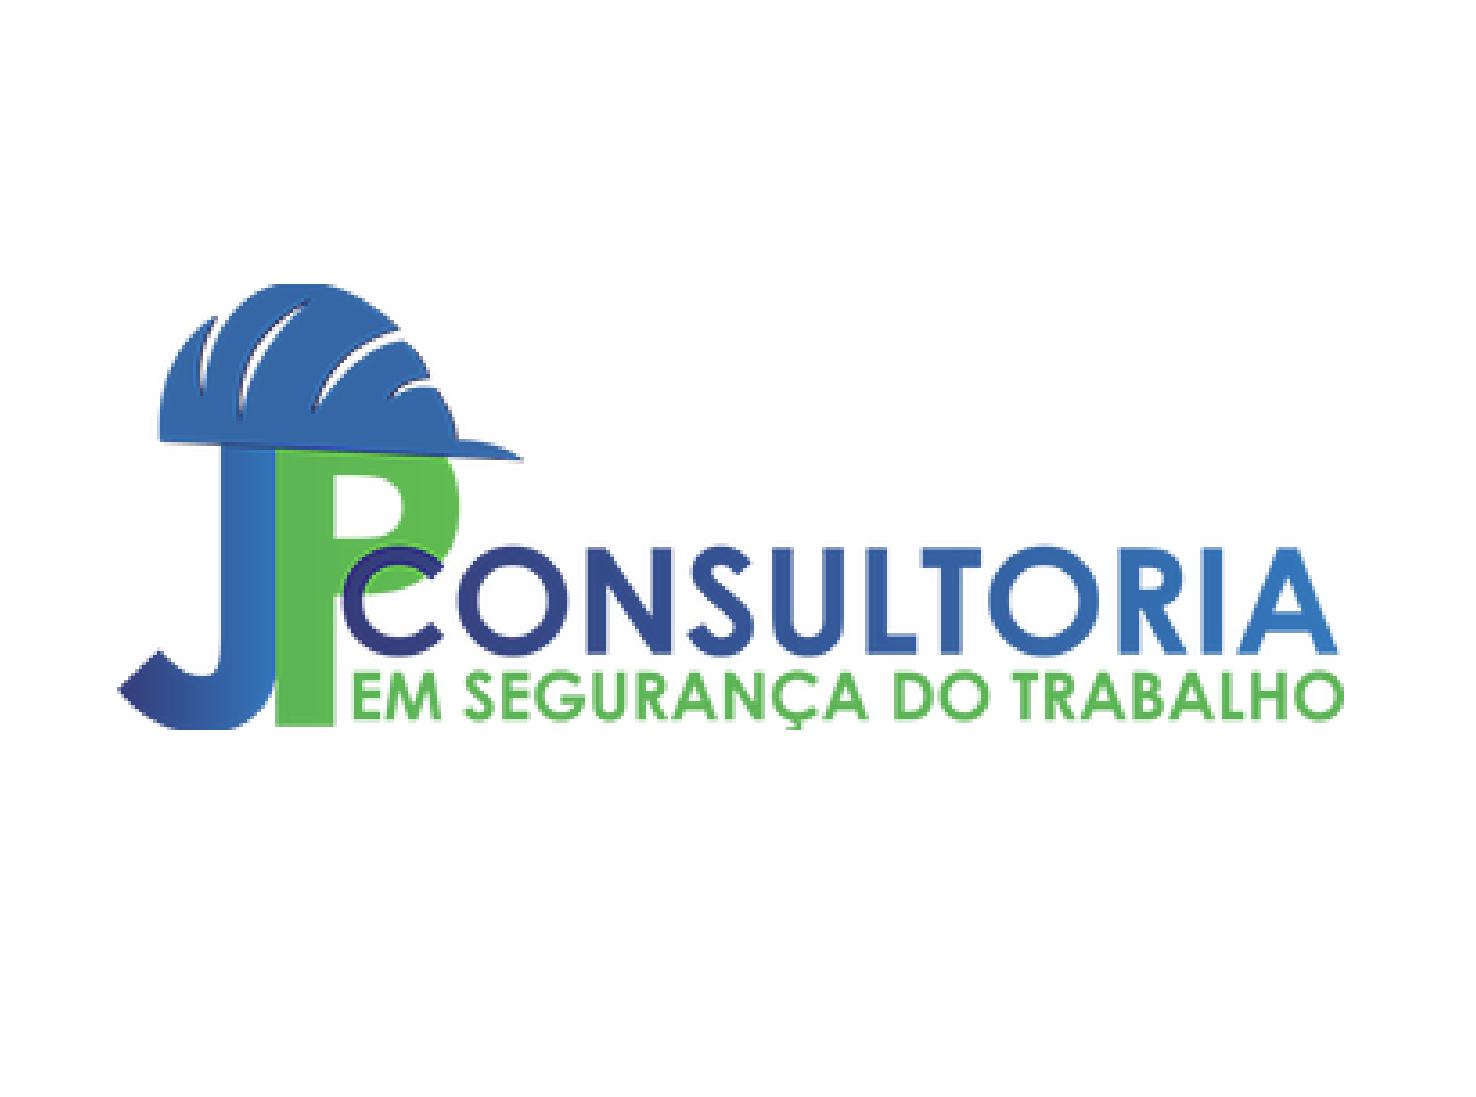 JP Consultoria